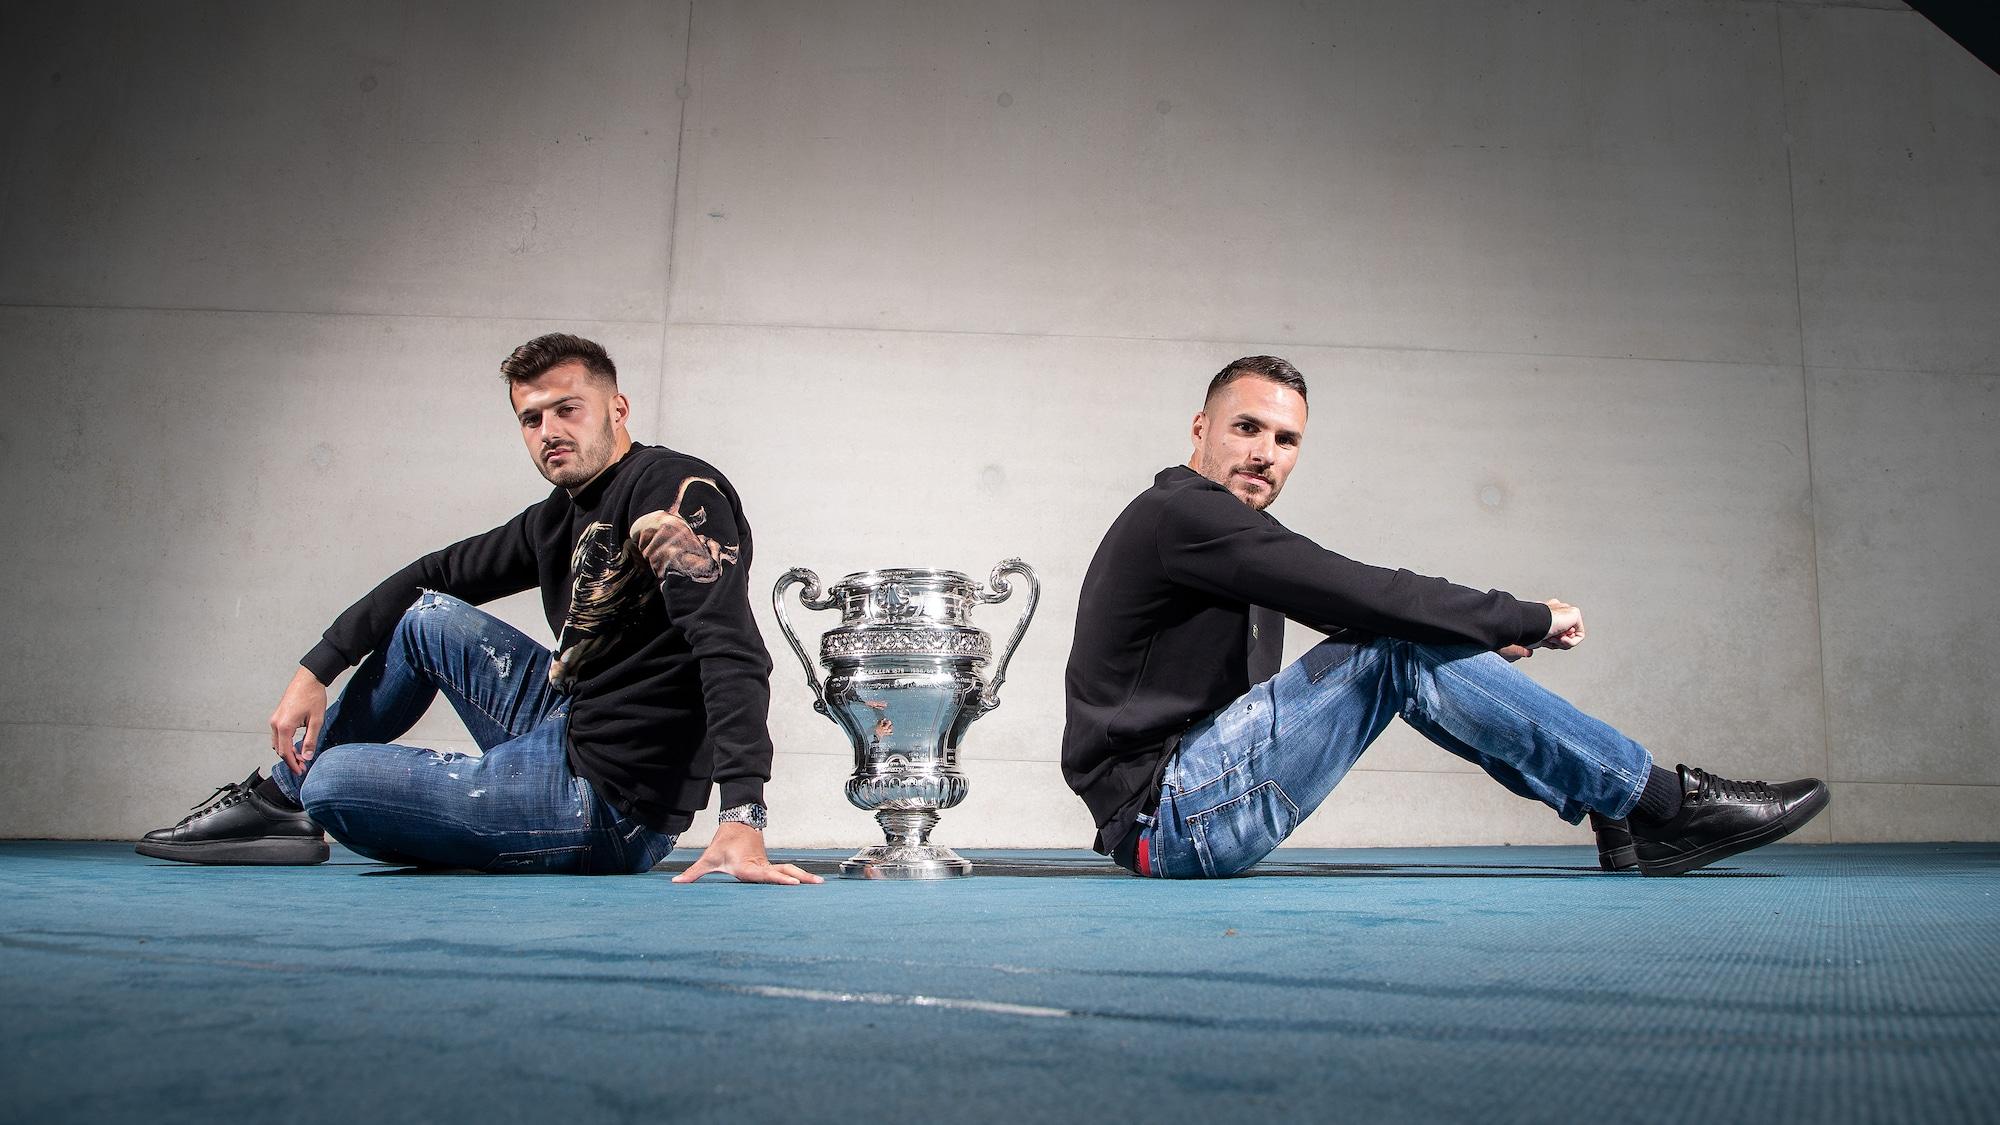 Ajeti und Sorgic heiss auf Cup-Final: «Der Kunstrasen ist unser Vorteil»